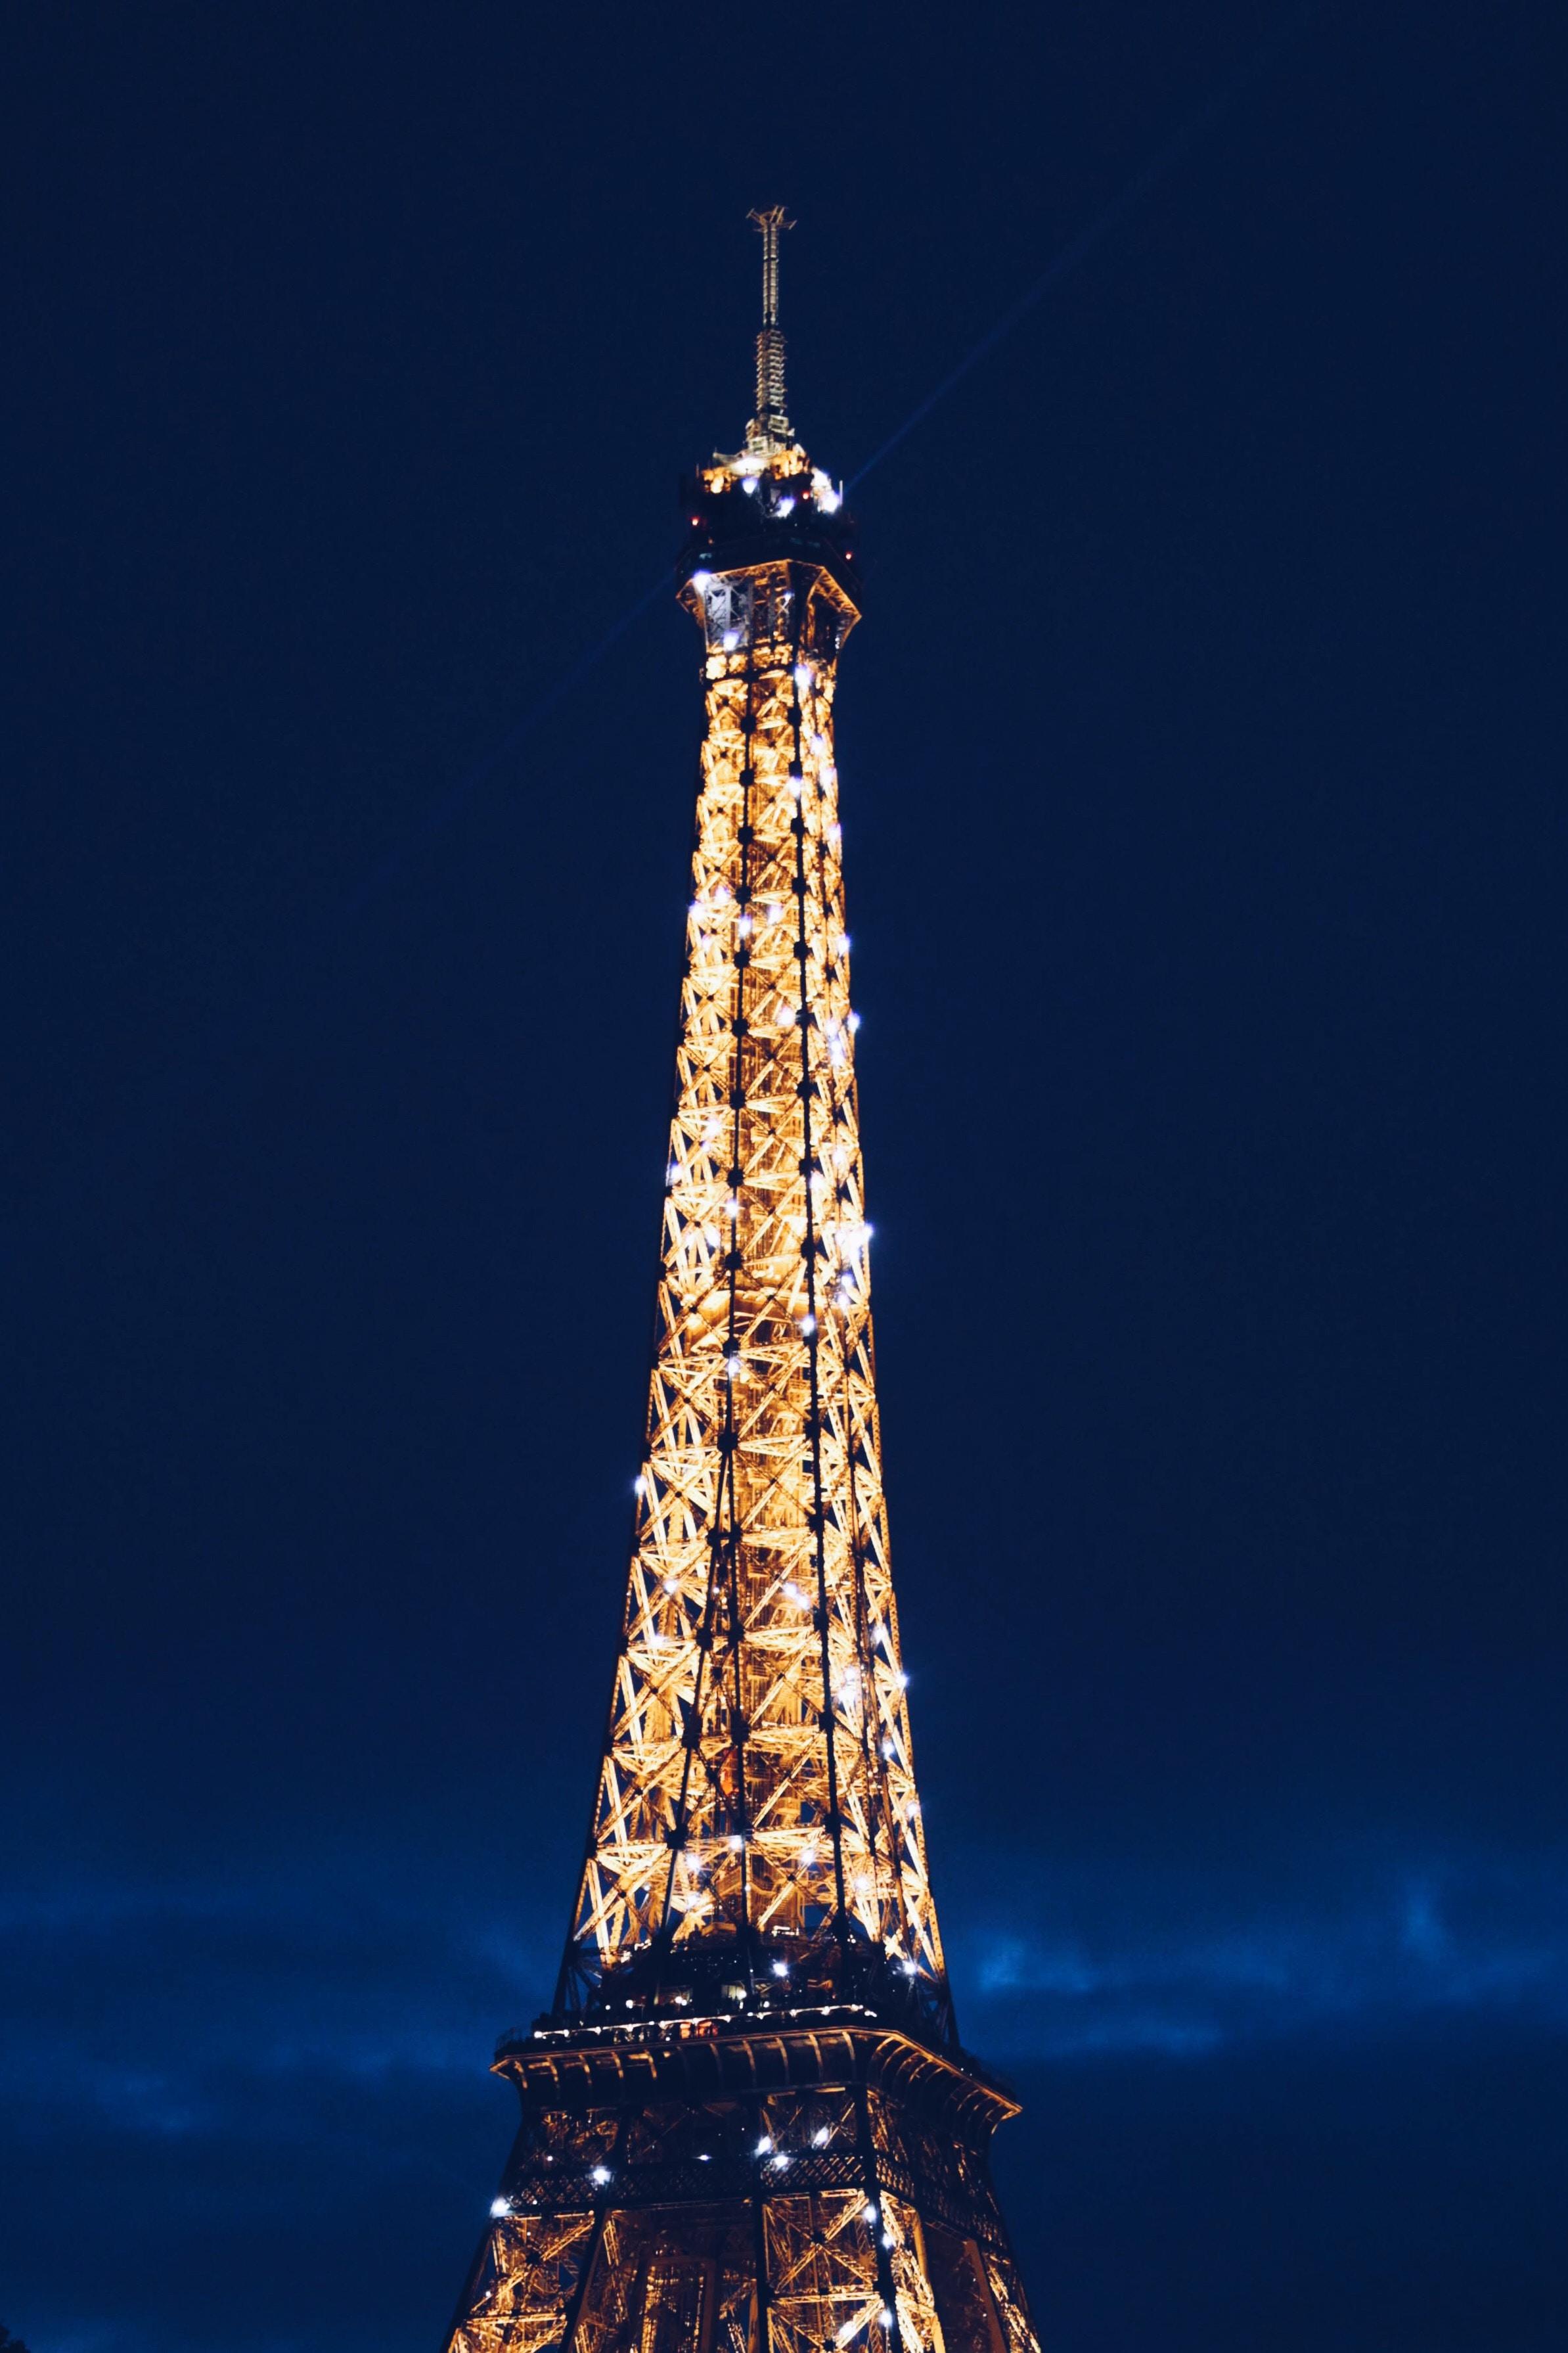 The historic Eiffel Tower illuminated at night.